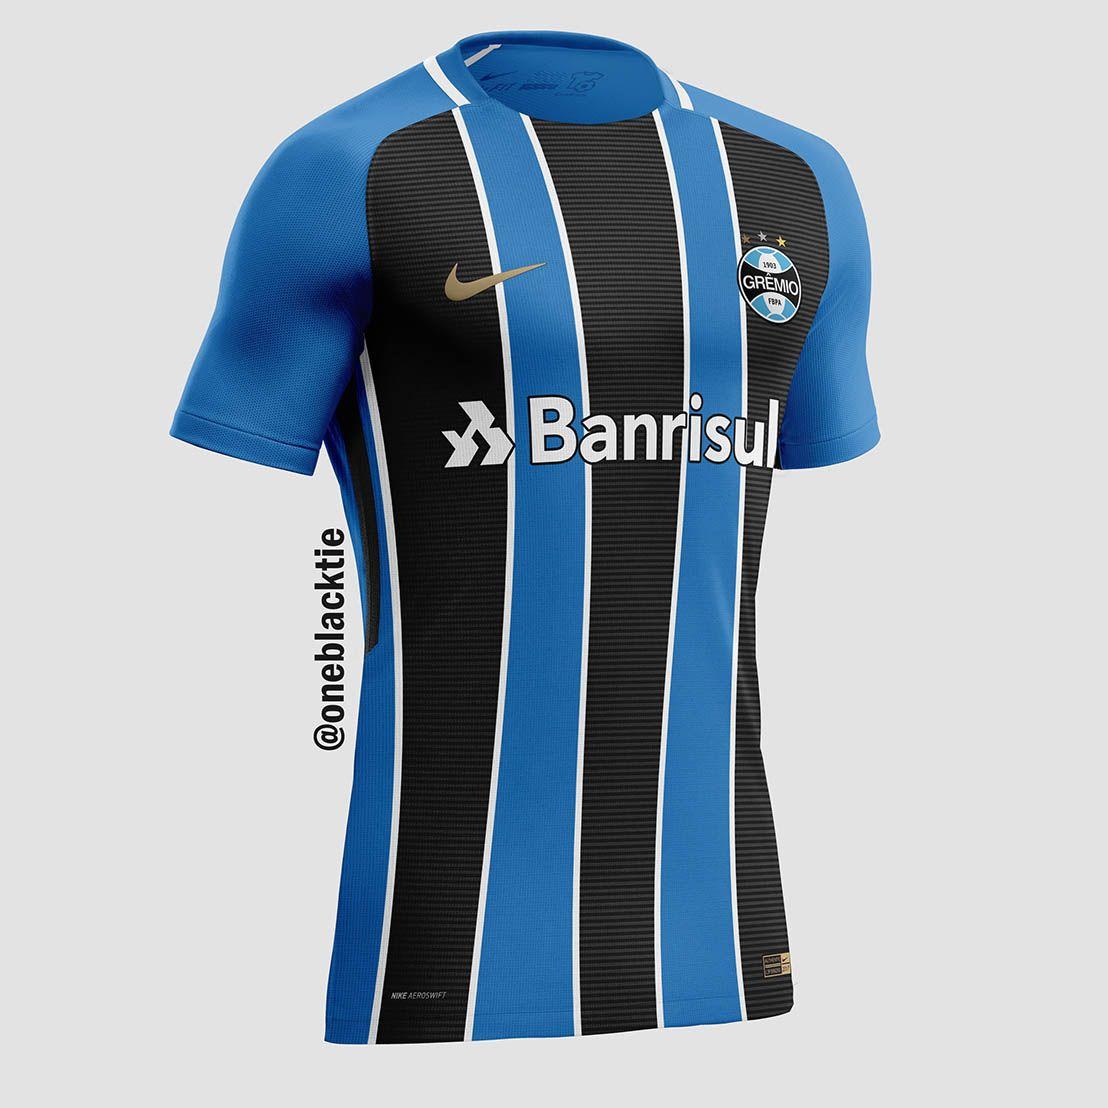 Camisa Gremio Umbro 2019